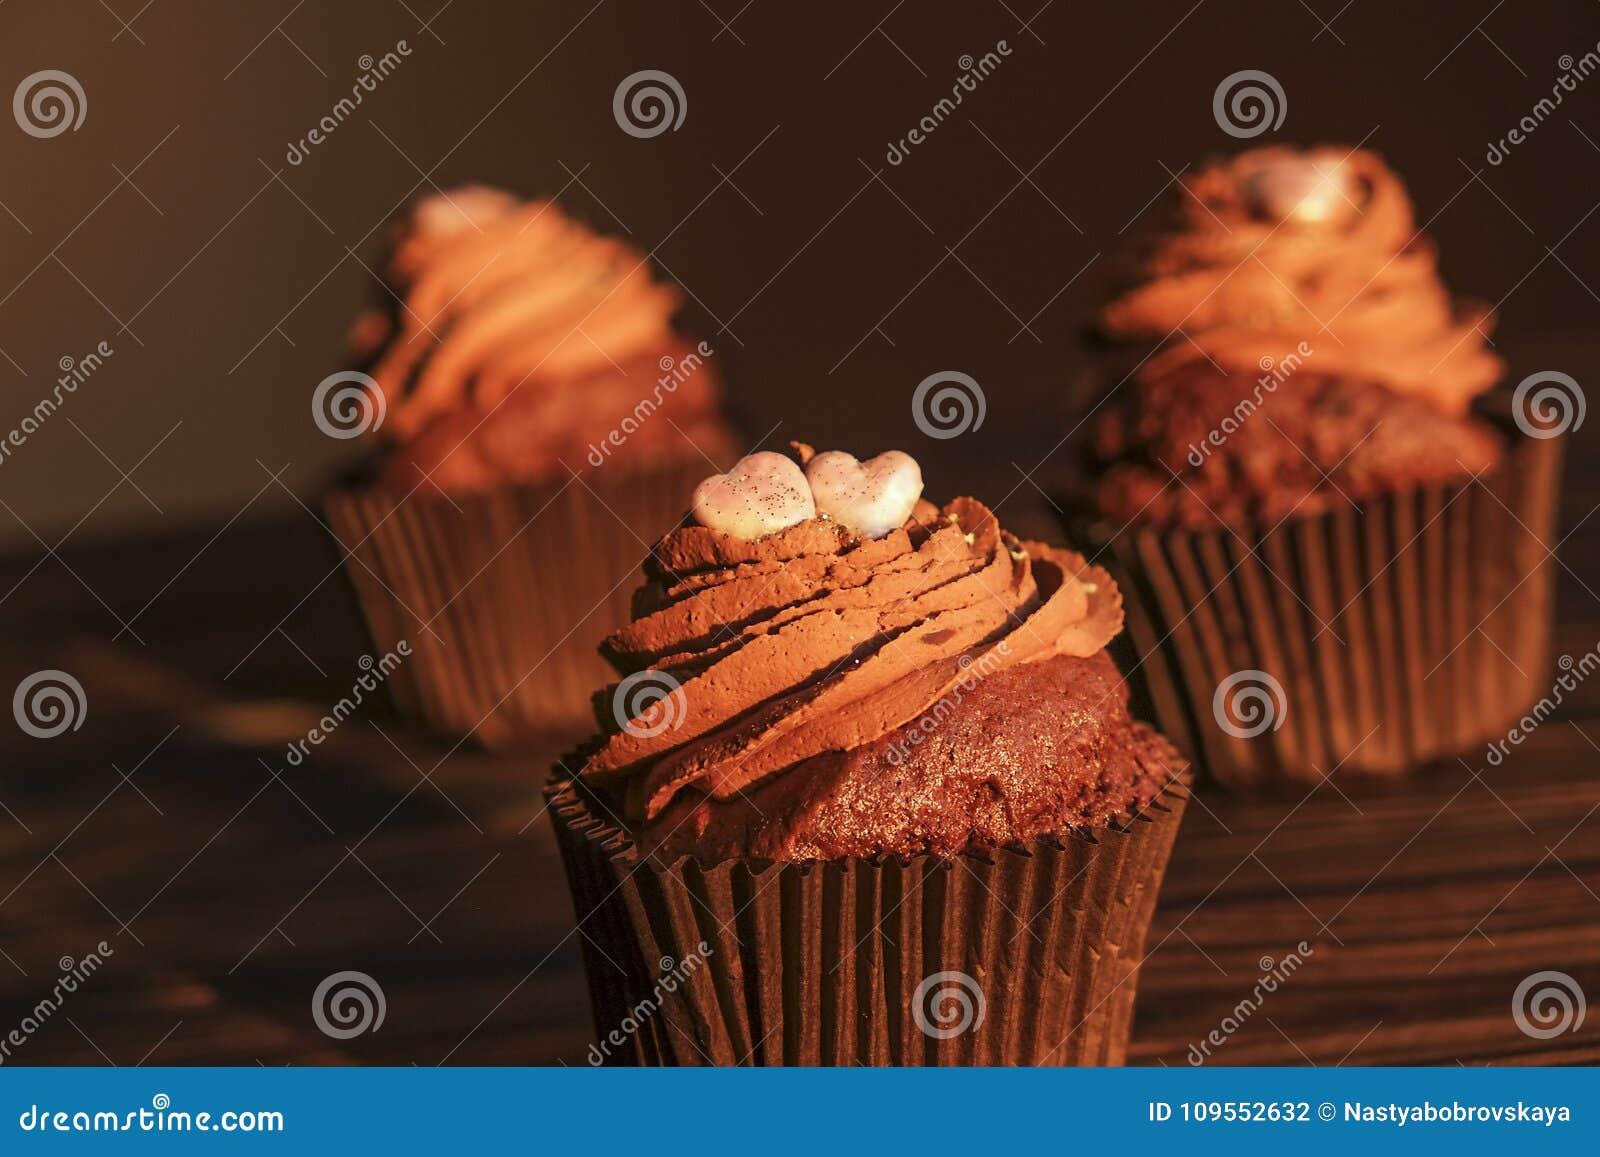 Hogar sabroso hecho dulces cocidos de los molletes del cumpleaños Productos deliciosos de la panadería malos para la figura Dulce